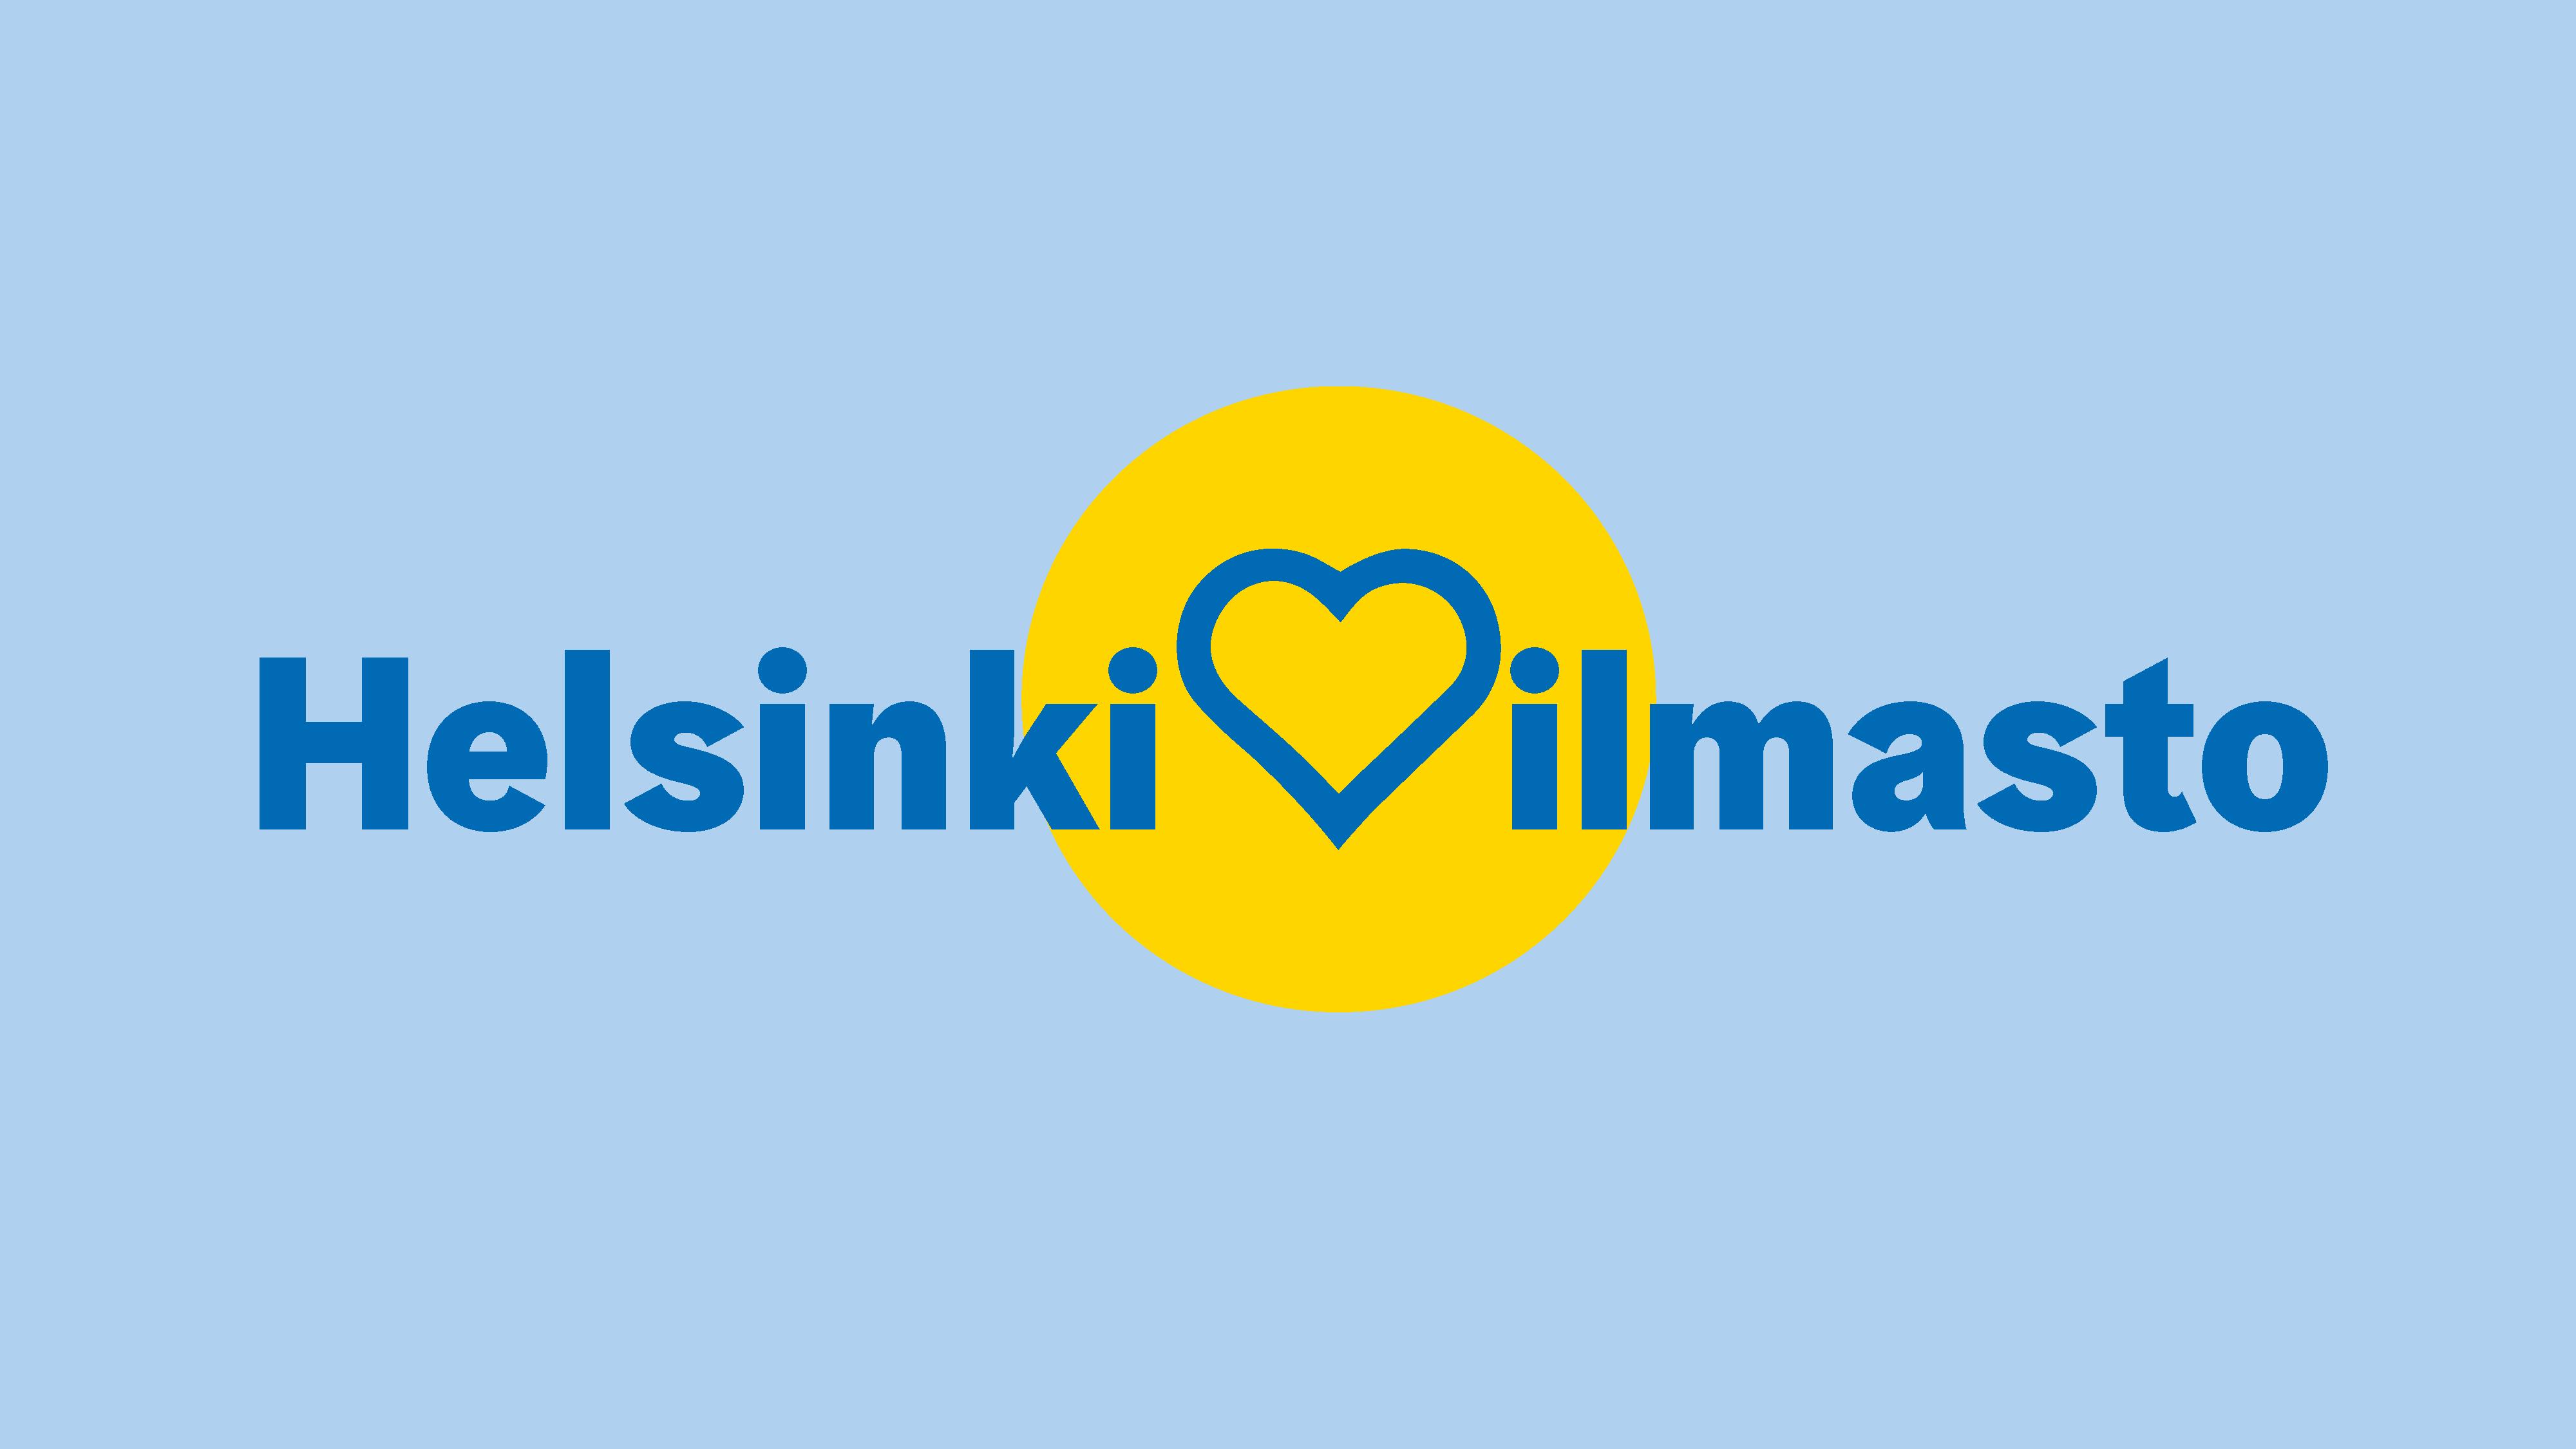 Linkki tapahtumaan Suunnittelija tavattavissa - Hiilineutraali Helsinki 2035